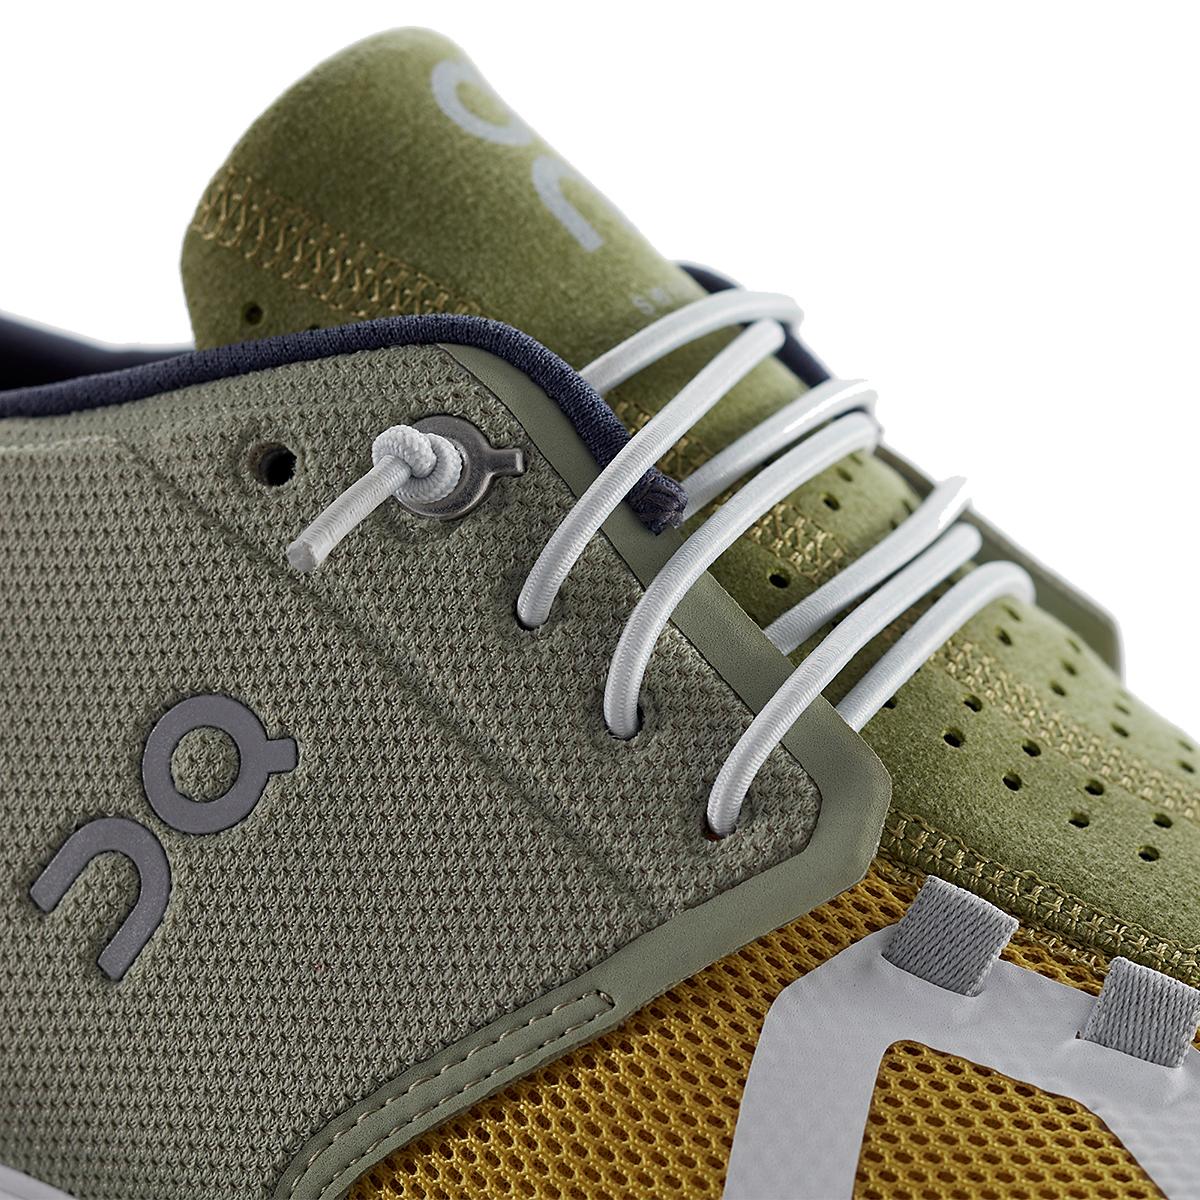 Men's On Cloud 70/30 Lifestyle Shoe - Color: Leaf/Mustard - Size: 7 - Width: Regular, Leaf/Mustard, large, image 4